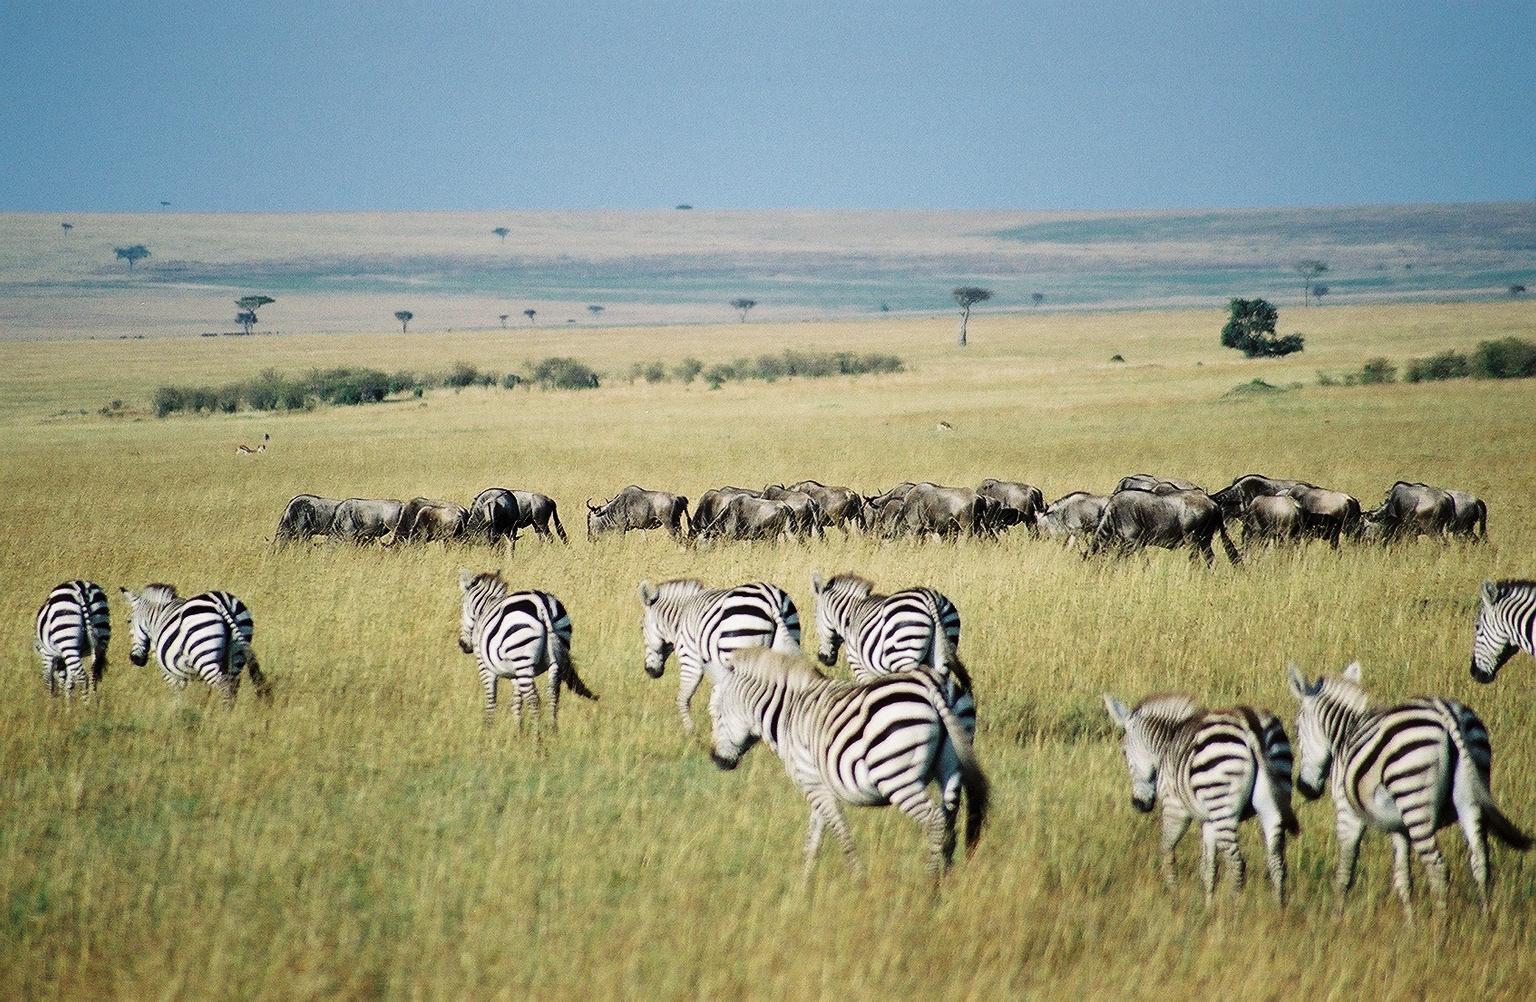 Les zèbres sont des animaux herbivores vivant principalement en Afrique centrale et australe. Leurs rayures troubleraient la vision de leurs prédateurs (lions, hyènes, lycaons, etc.), les aideraient à se camoufler mais aussi à réguler leur température corporelle. © Key45, Wikimedia Commons, CC by-sa 2.0